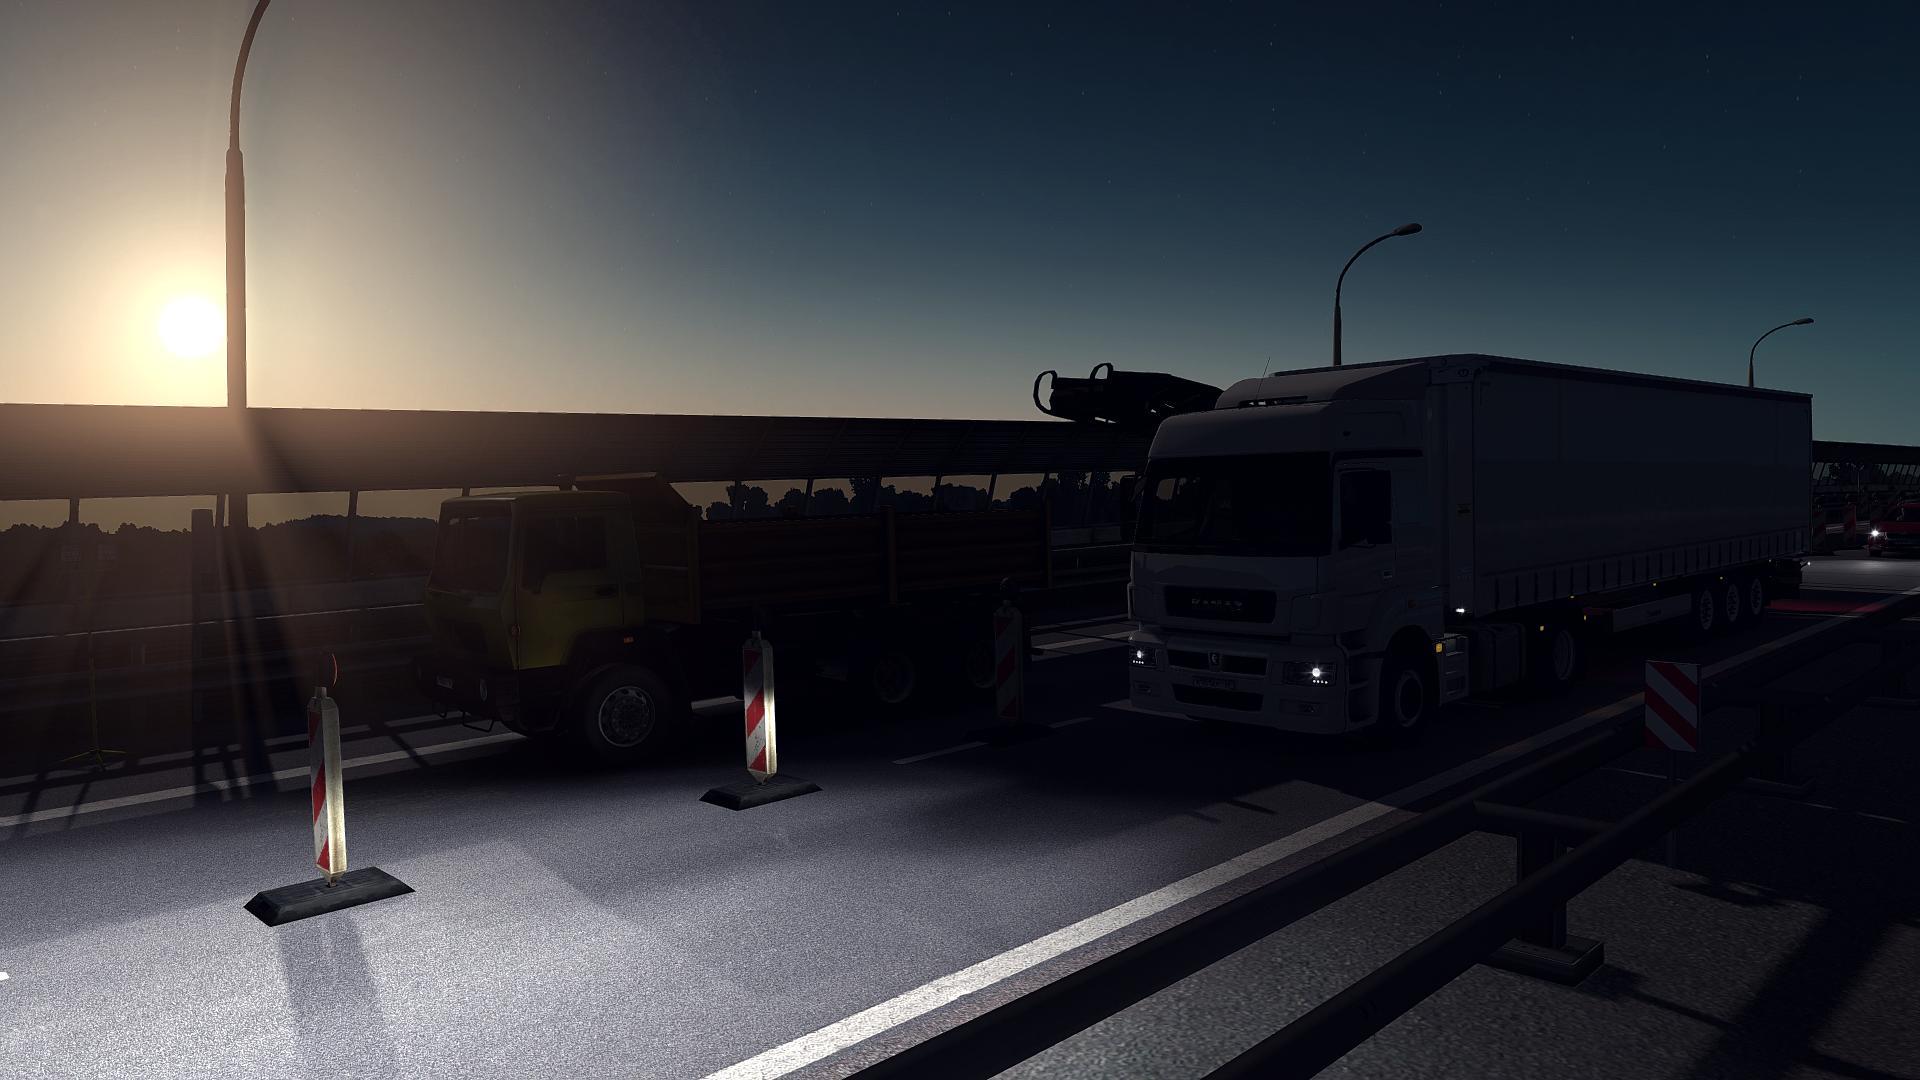 eurotrucks2 2019-01-26 16-25-44.png - Euro Truck Simulator 2